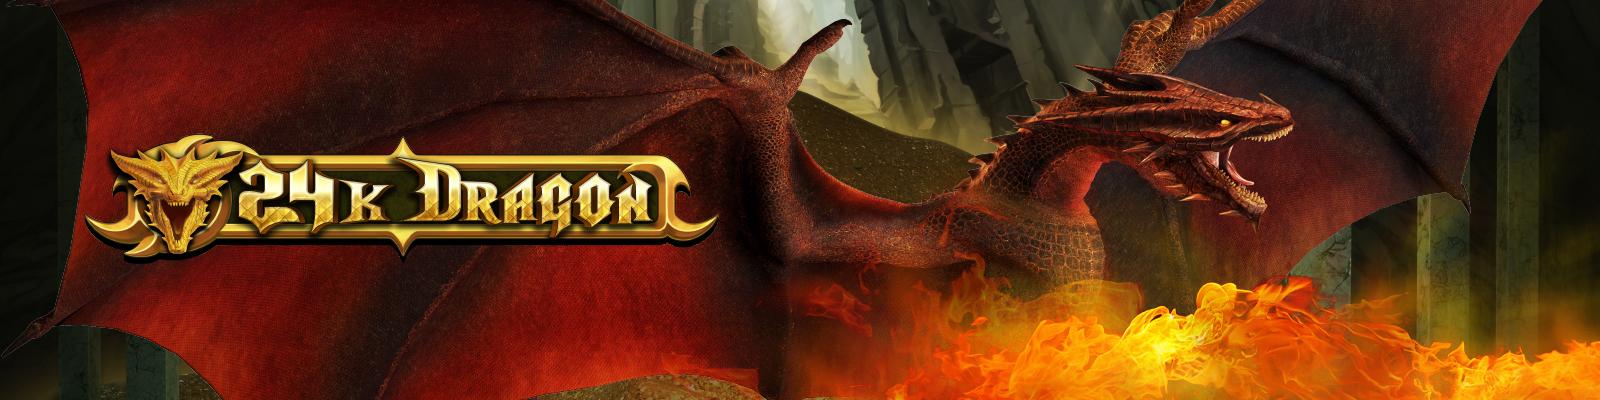 24k Dragon – Play'n Go